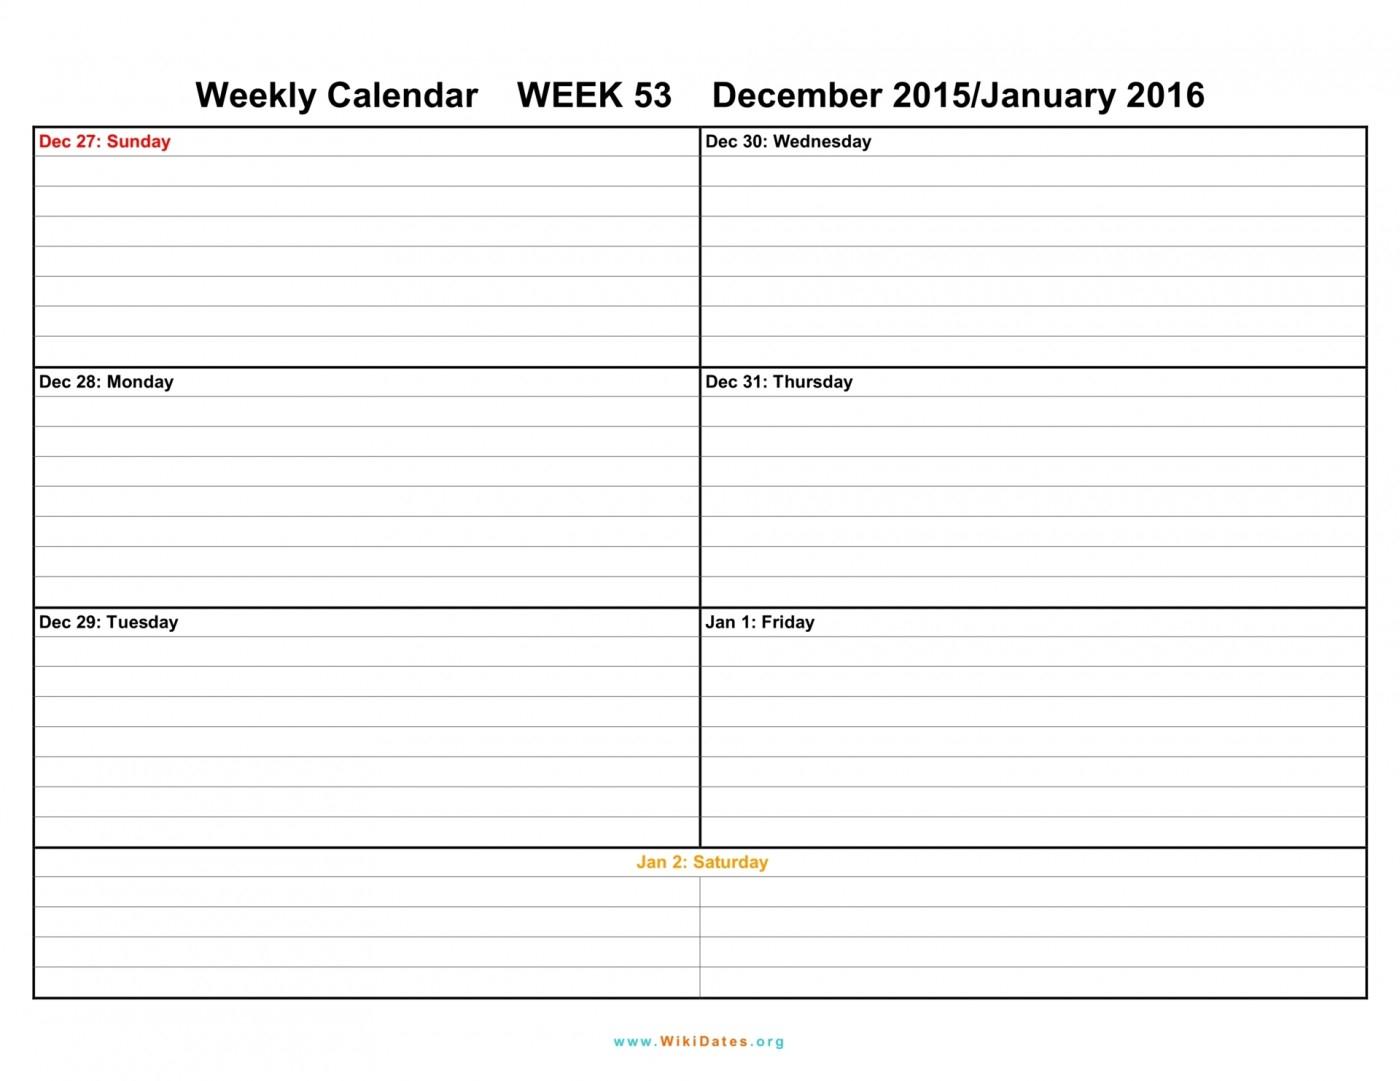 042 Template Ideas Weekly Calendar Print Blank Week Top 2016 in Blank Weekly Calender